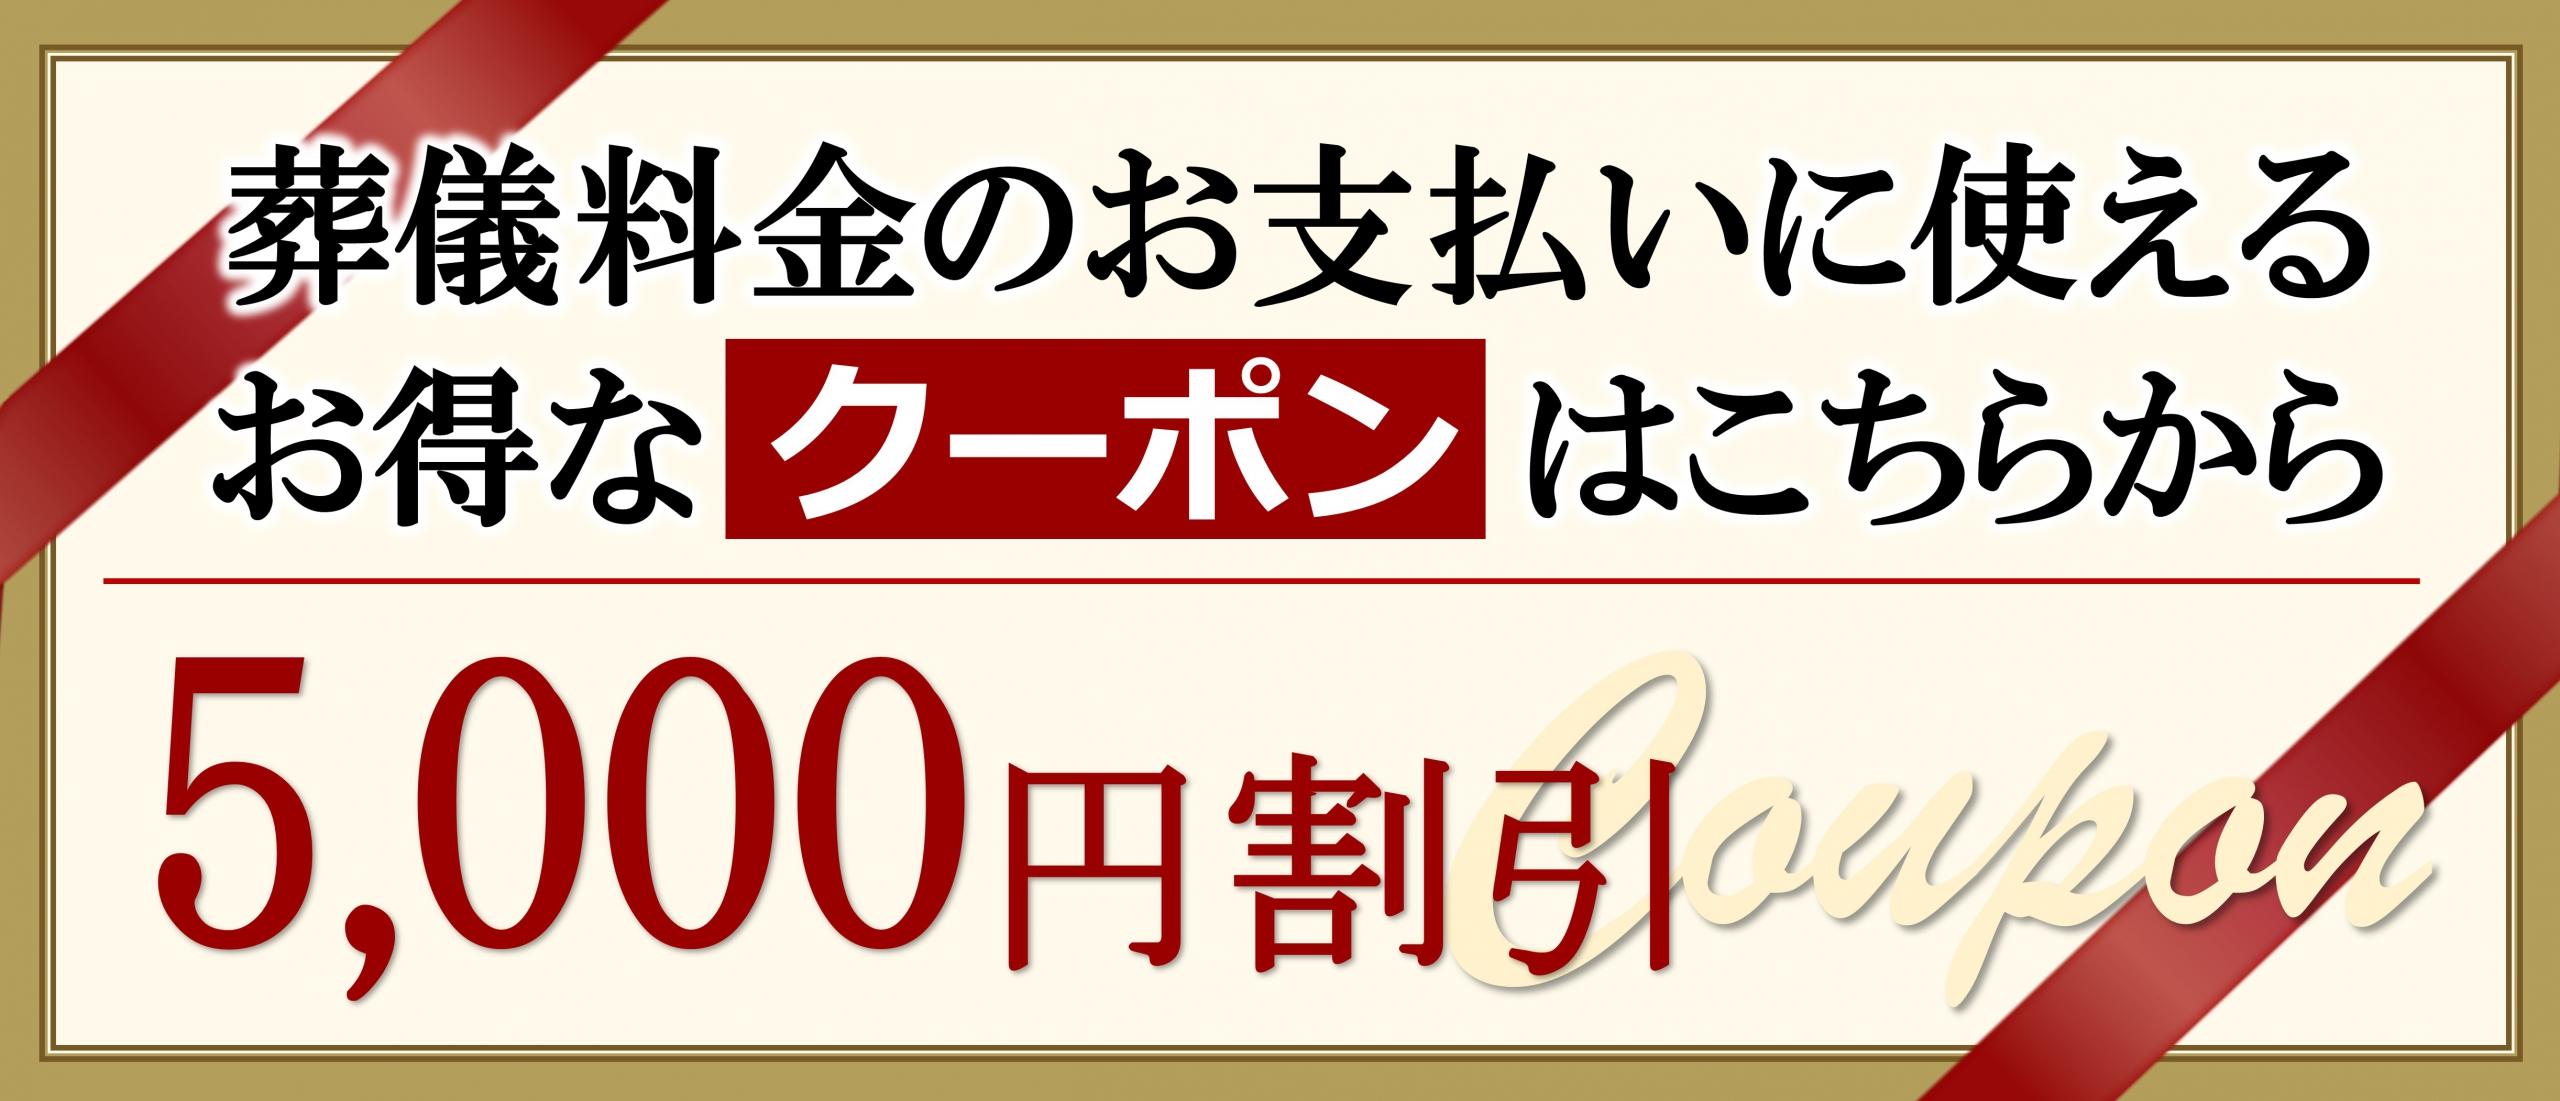 公益社5,000円割引クーポン